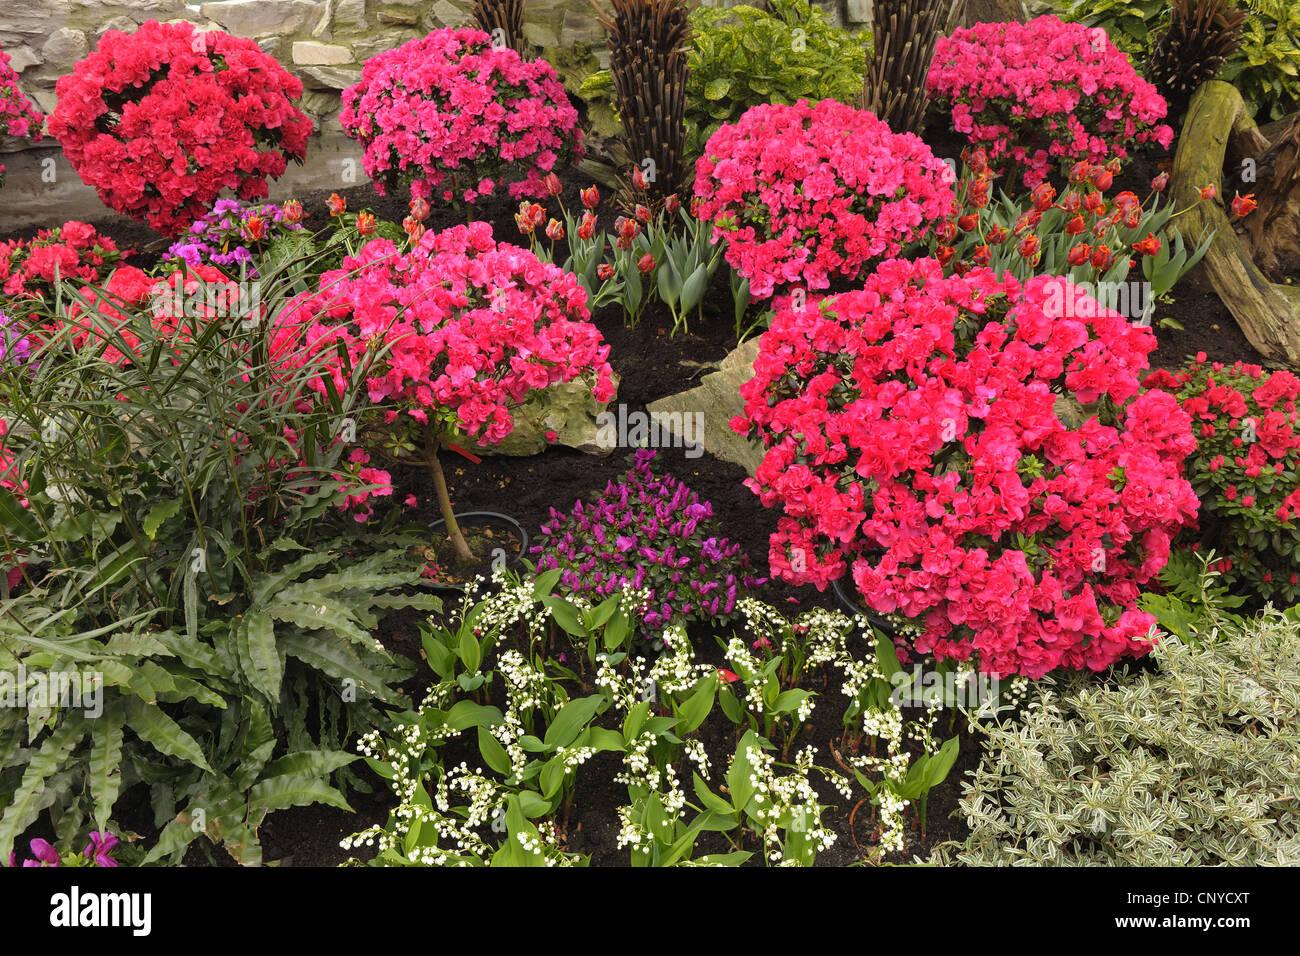 azalea (Azalea spec.), red azaleas in flowerbed, Germany - Stock Image